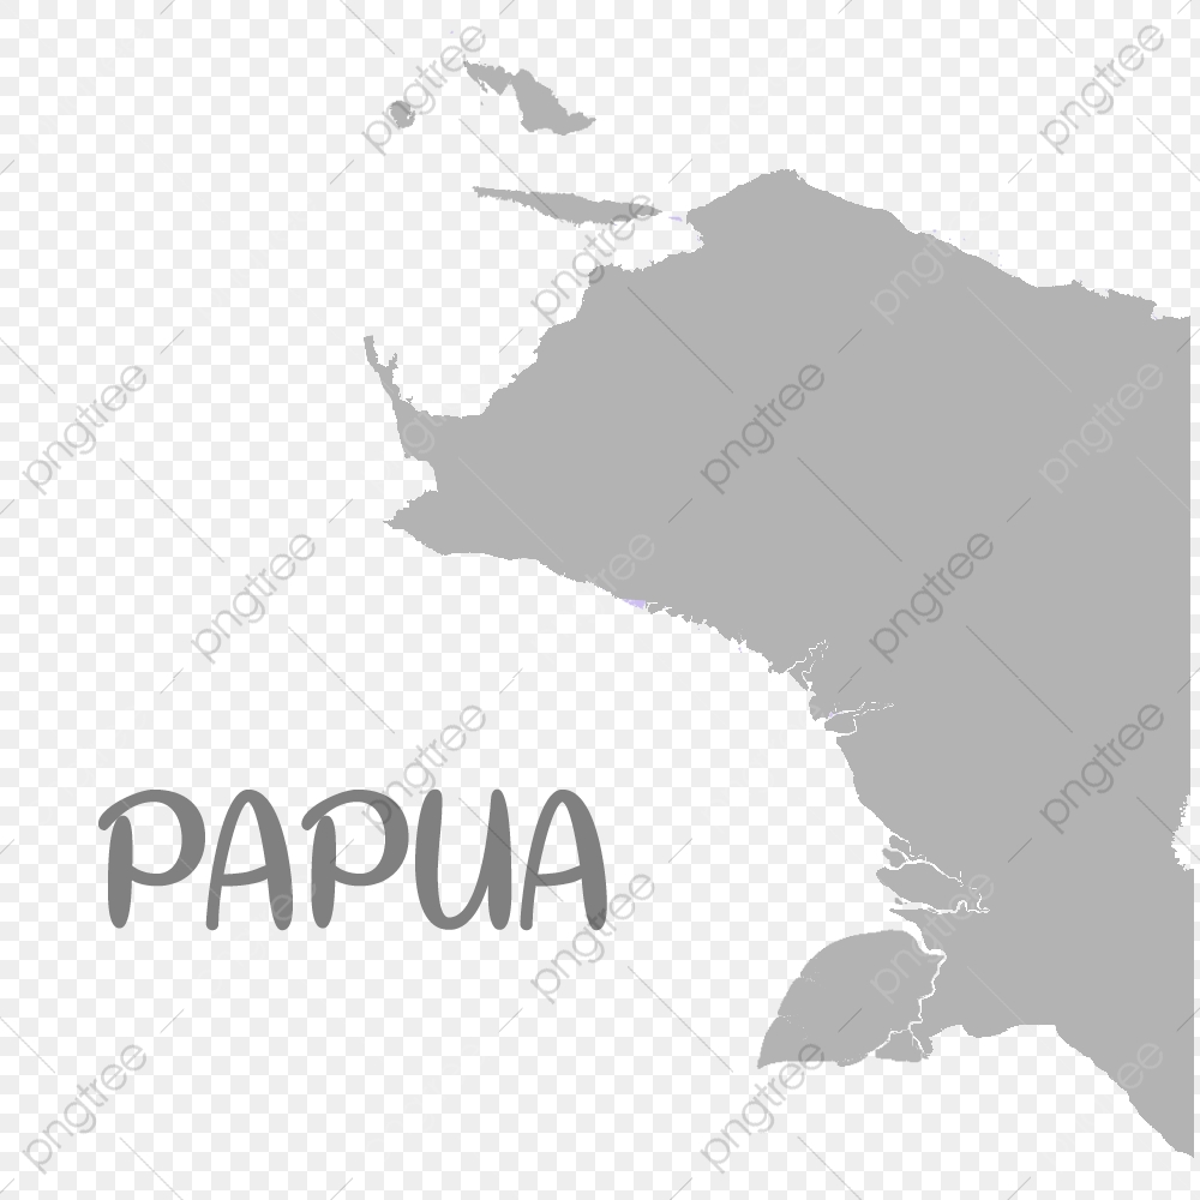 Gambar Berkualiti Peta Papua Adalah Wilayah Indonesia Peta Ilustrasi Grafik Png Dan Vektor Untuk Muat Turun Percuma